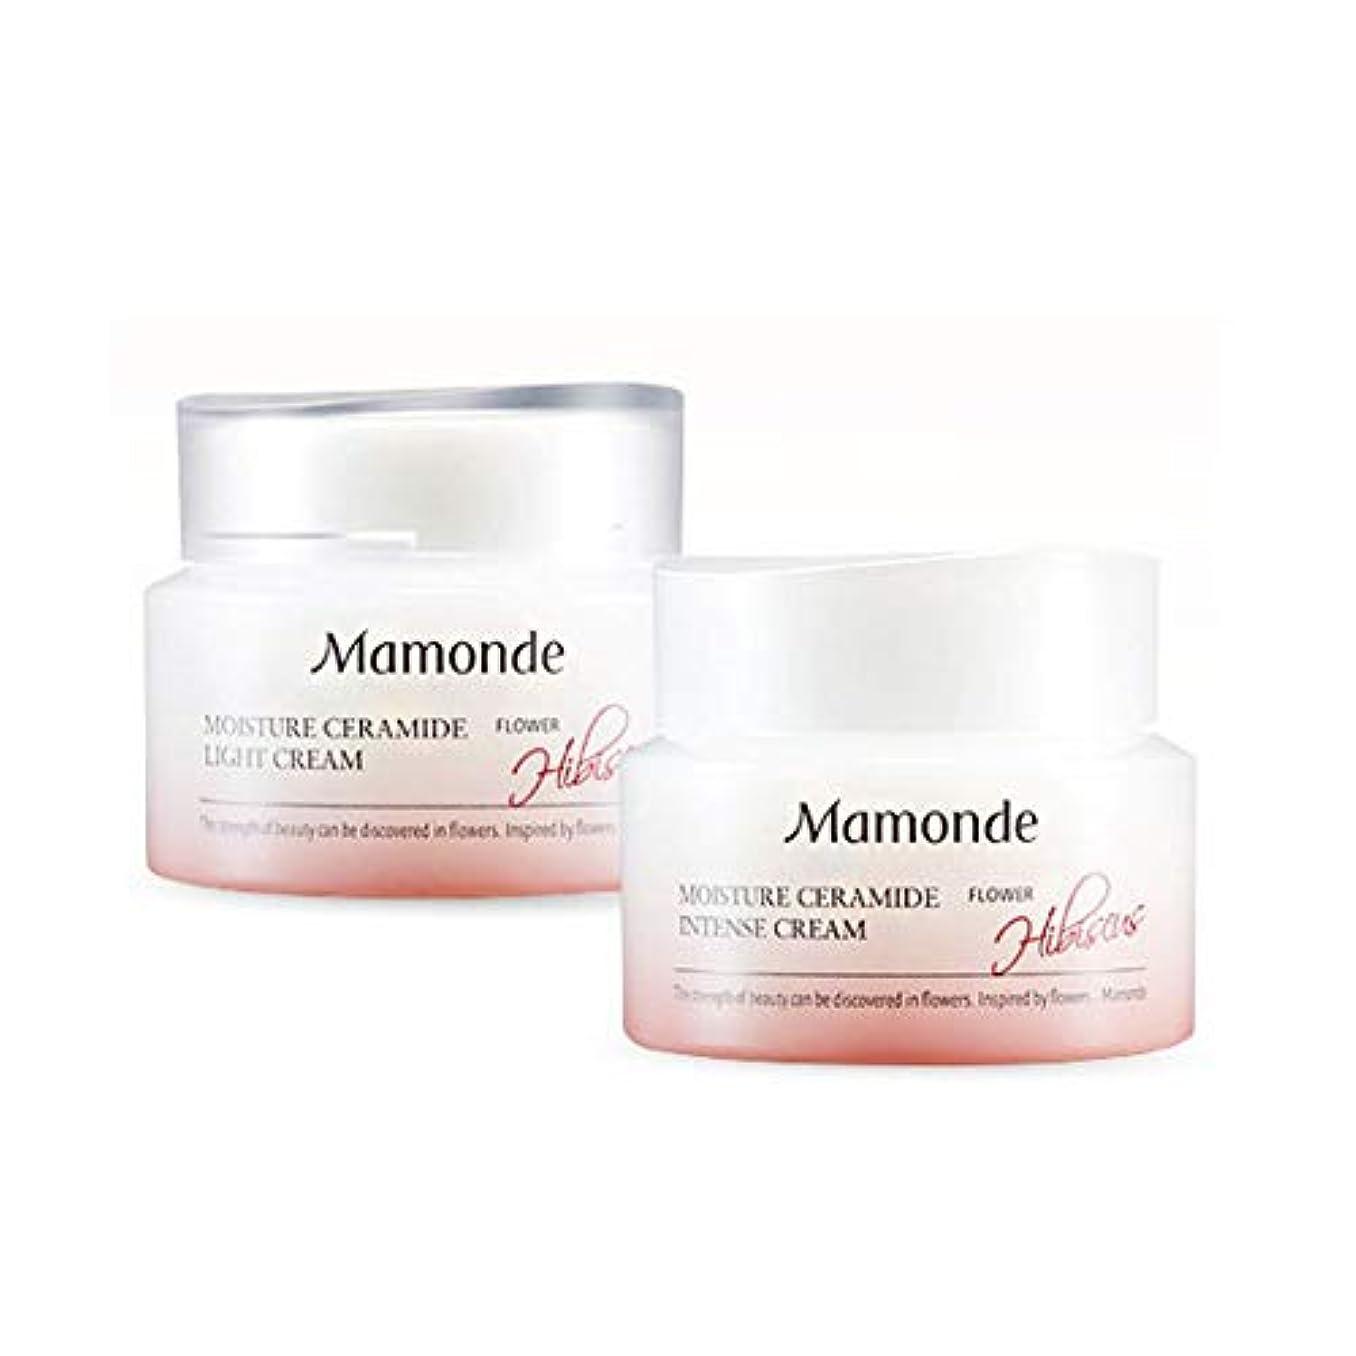 優れました技術的な地理マモンドモイスチャーセラミドインテンスクリーム50mlx2本セット韓国コスメ、Mamonde Moisture Ceramide Intense Cream 50ml x 2ea Set Korean Cosmetics...